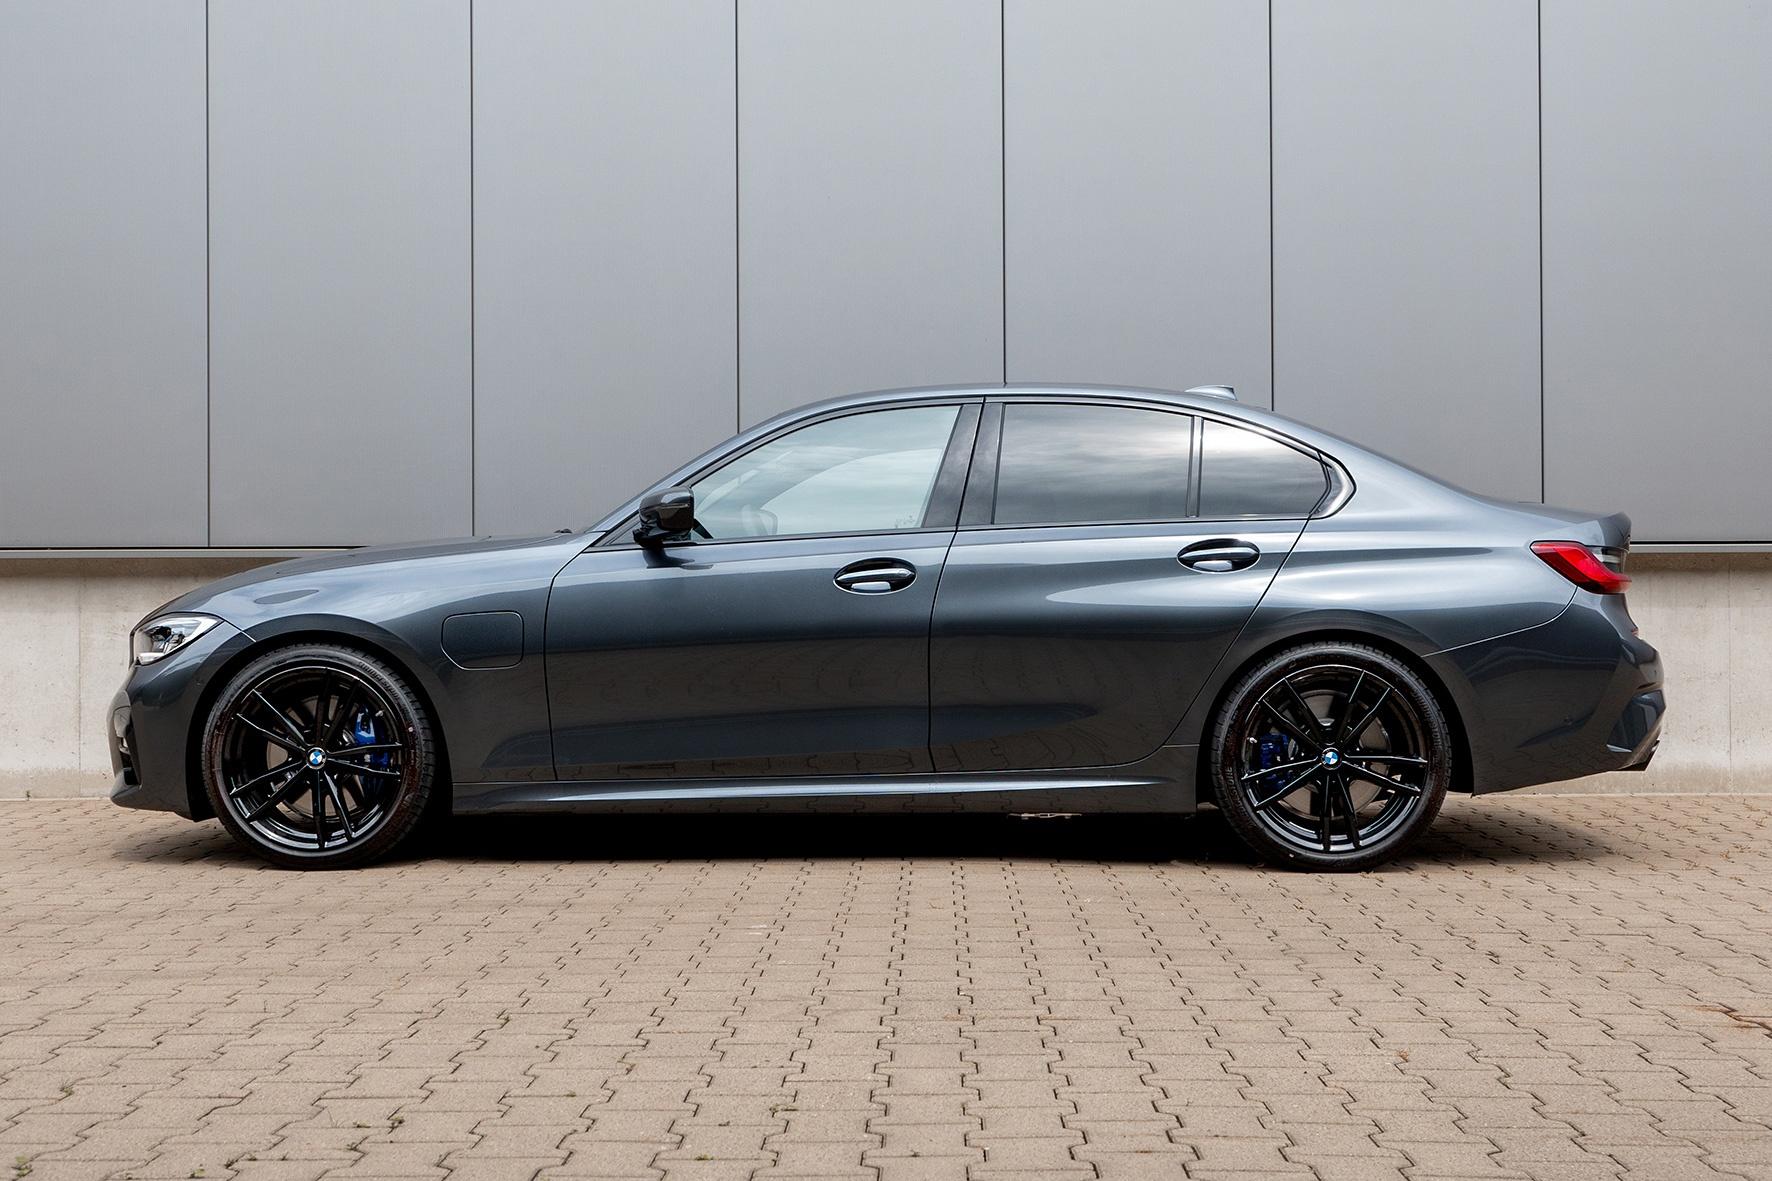 H&R Sportfedern für den BMW 330e